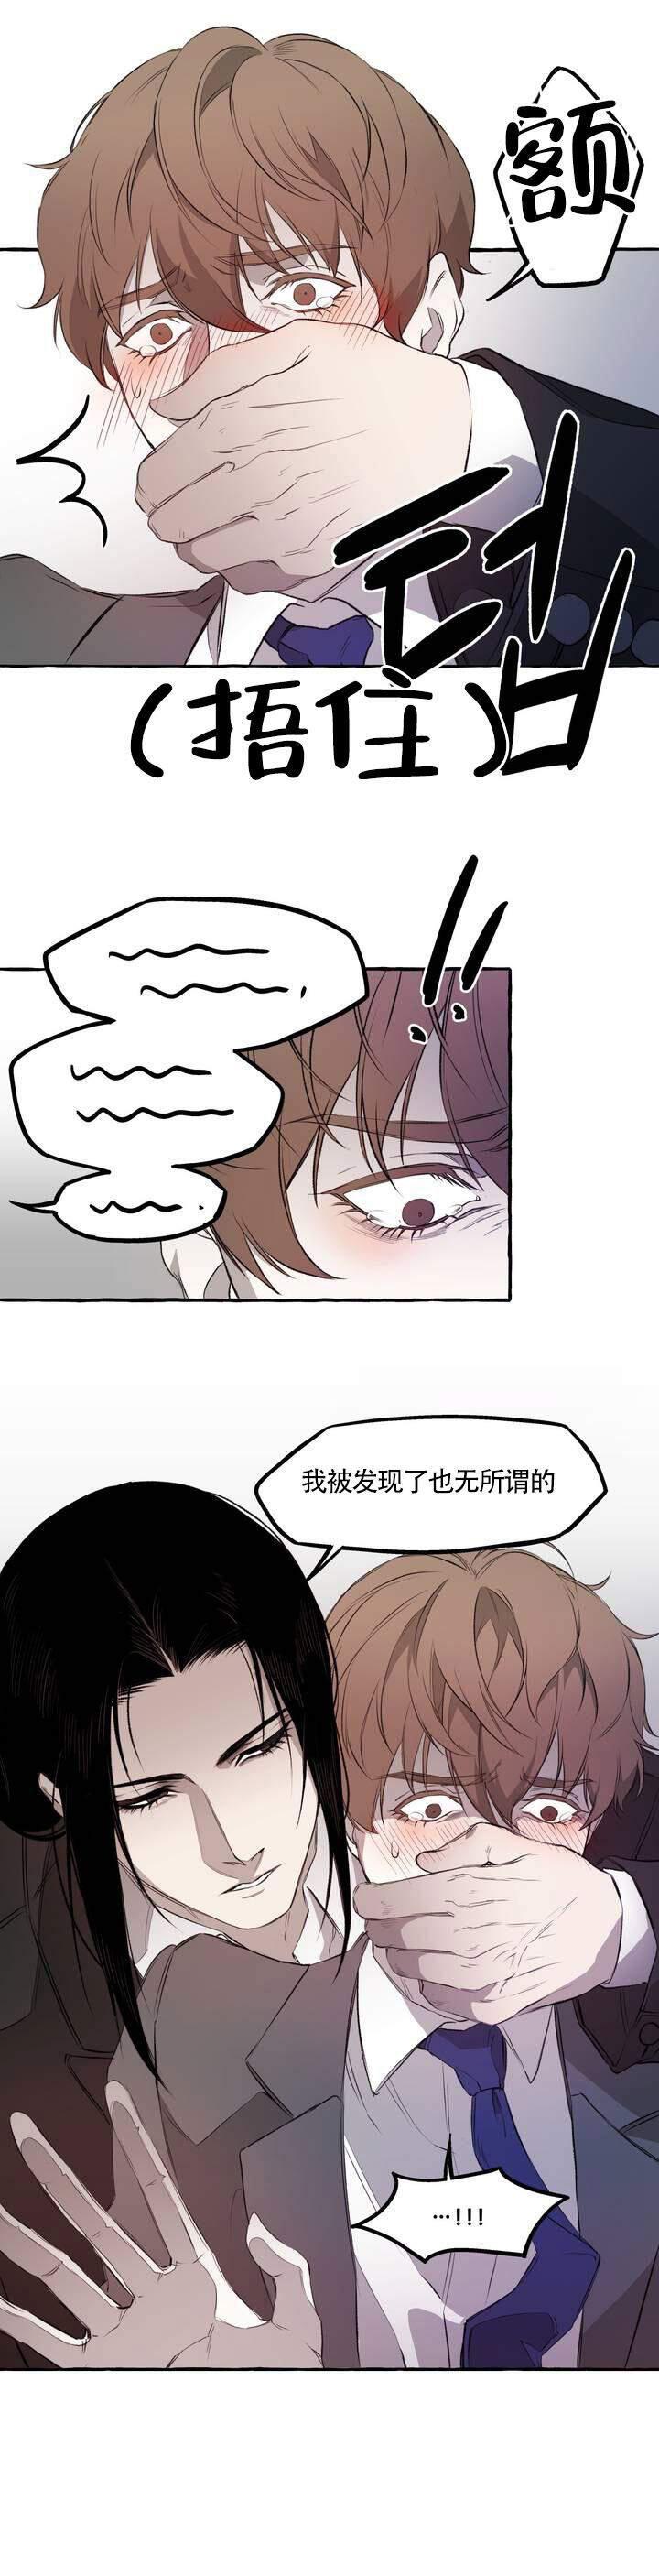 异类漫画在线阅读免费-彩虹漫画 韩漫基地